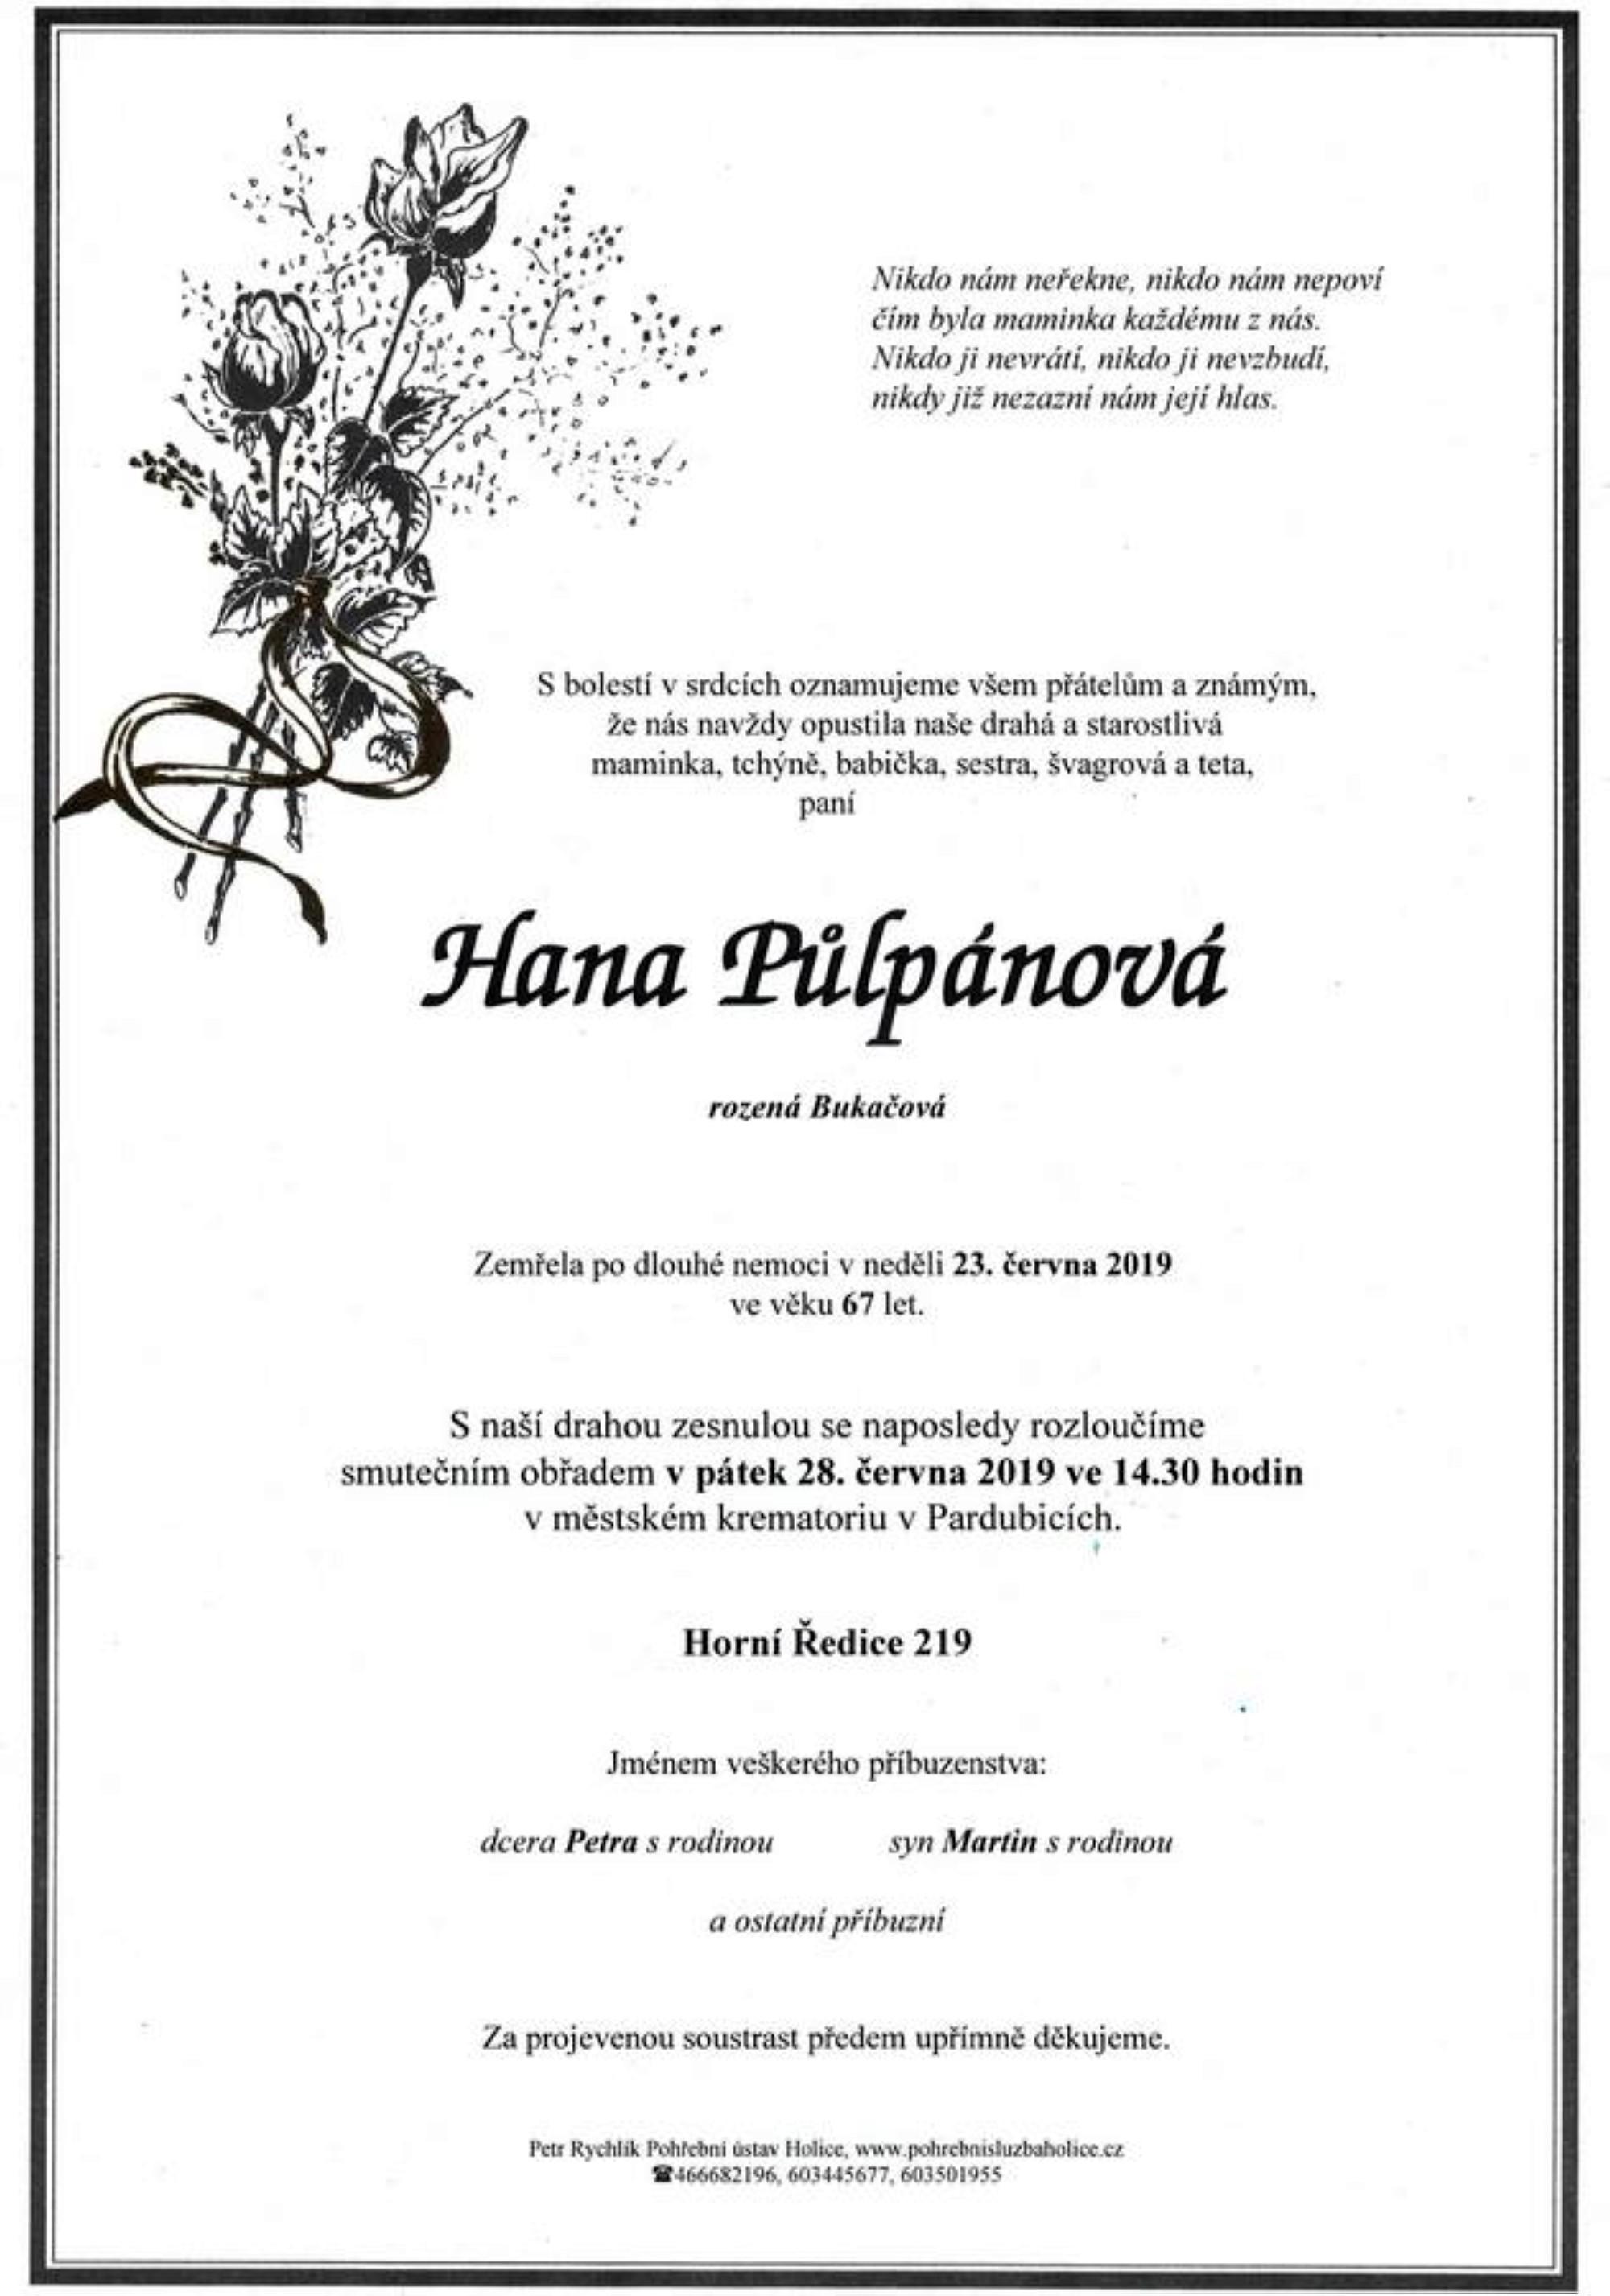 Hana Půlpánová